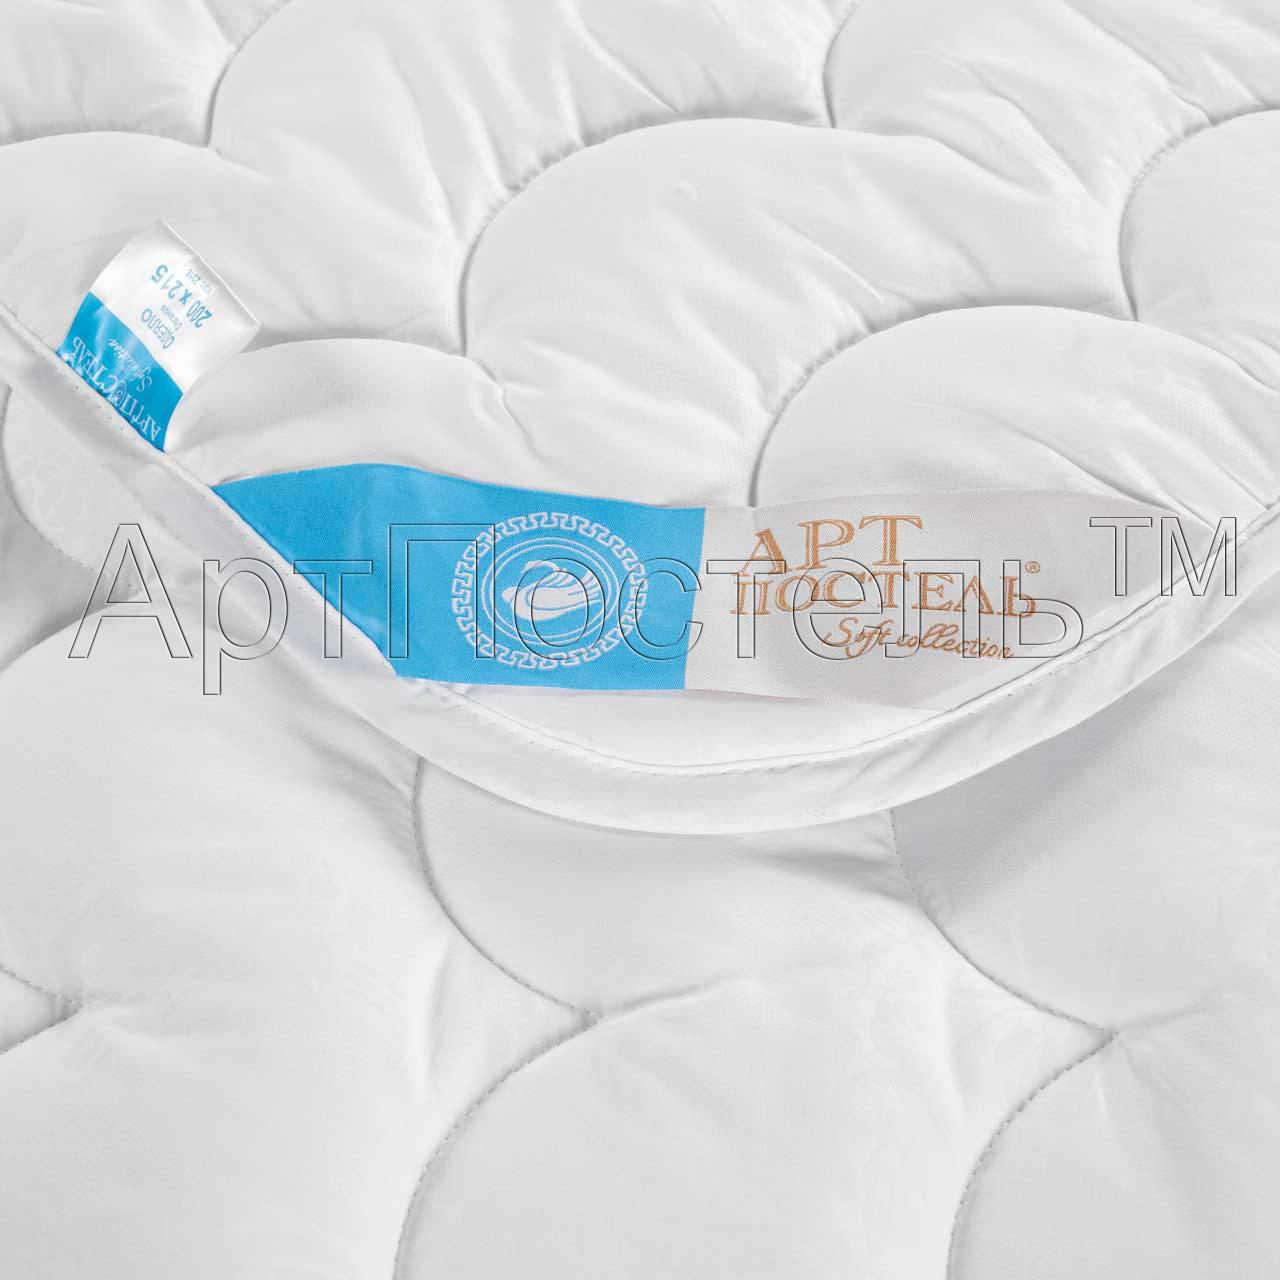 Одеяло Лебяжий пух Soft Collection Light, размер 2,0 спальное (172х205 см)Одеяла<br>Длина: 205 см <br>Ширина: 172 см <br>Чехол: Стеганый, с окаймляющей лентой <br>Плотность ткани: 115 г/кв. м <br>Плотность наполнителя: 200 г/кв. м<br><br>Тип: Одеяло<br>Размер: 172х205<br>Материал: Лебяжий пух